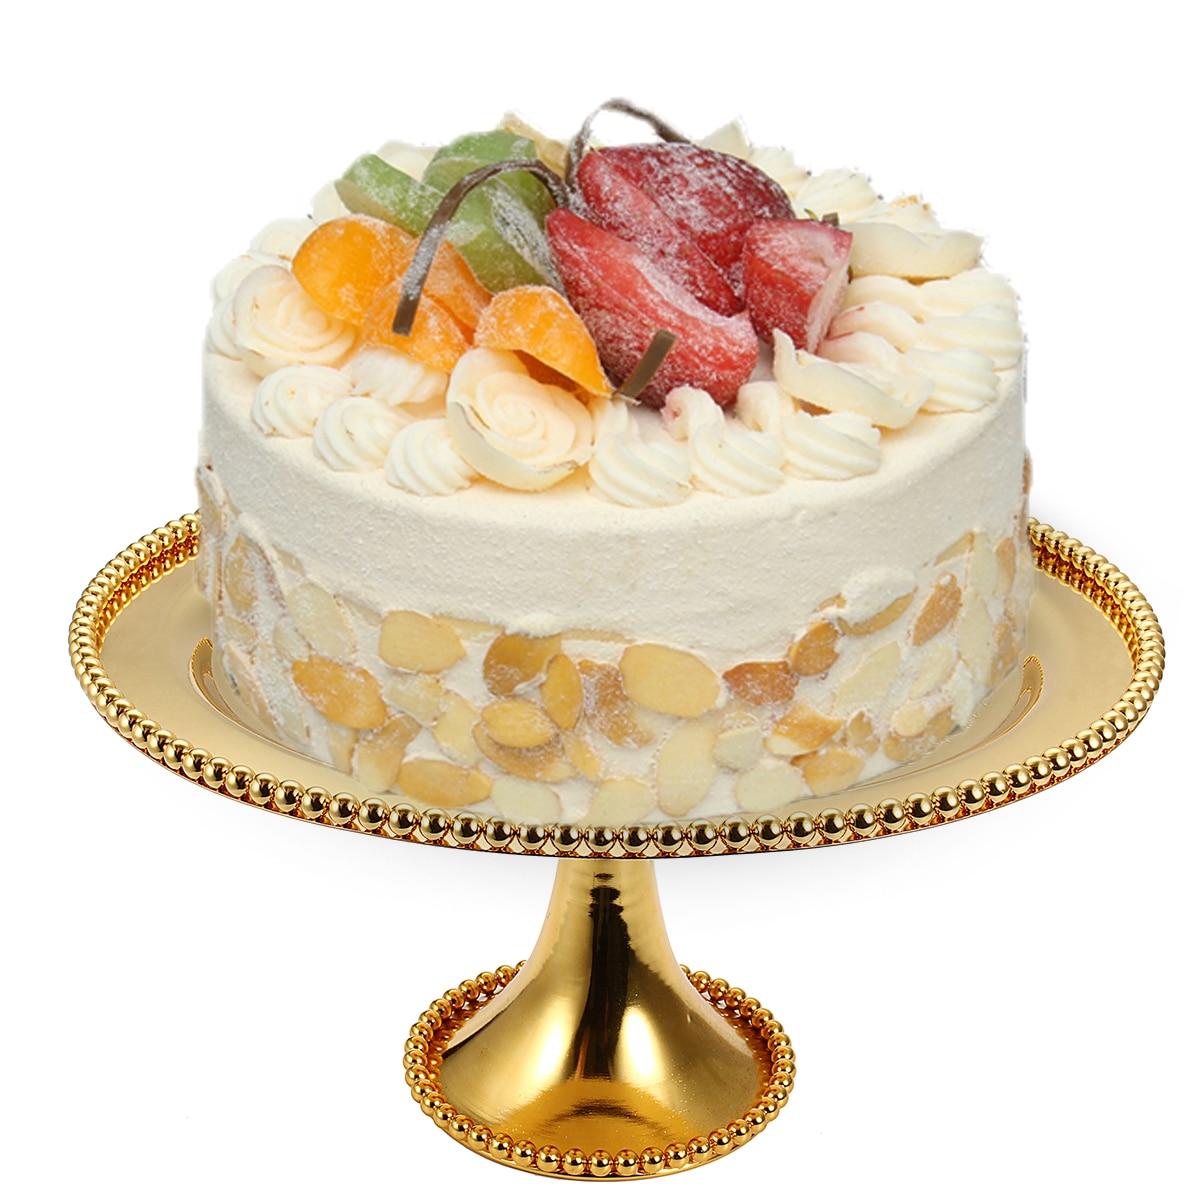 De luxe En Métal Gâteau Stand Cupcake Dessert Plateau De Décoration De Gâteau Outils Ustensiles de Cuisson Partie Affichage Titulaire De Mariage Décoration Or dans Béquilles de Maison & Jardin